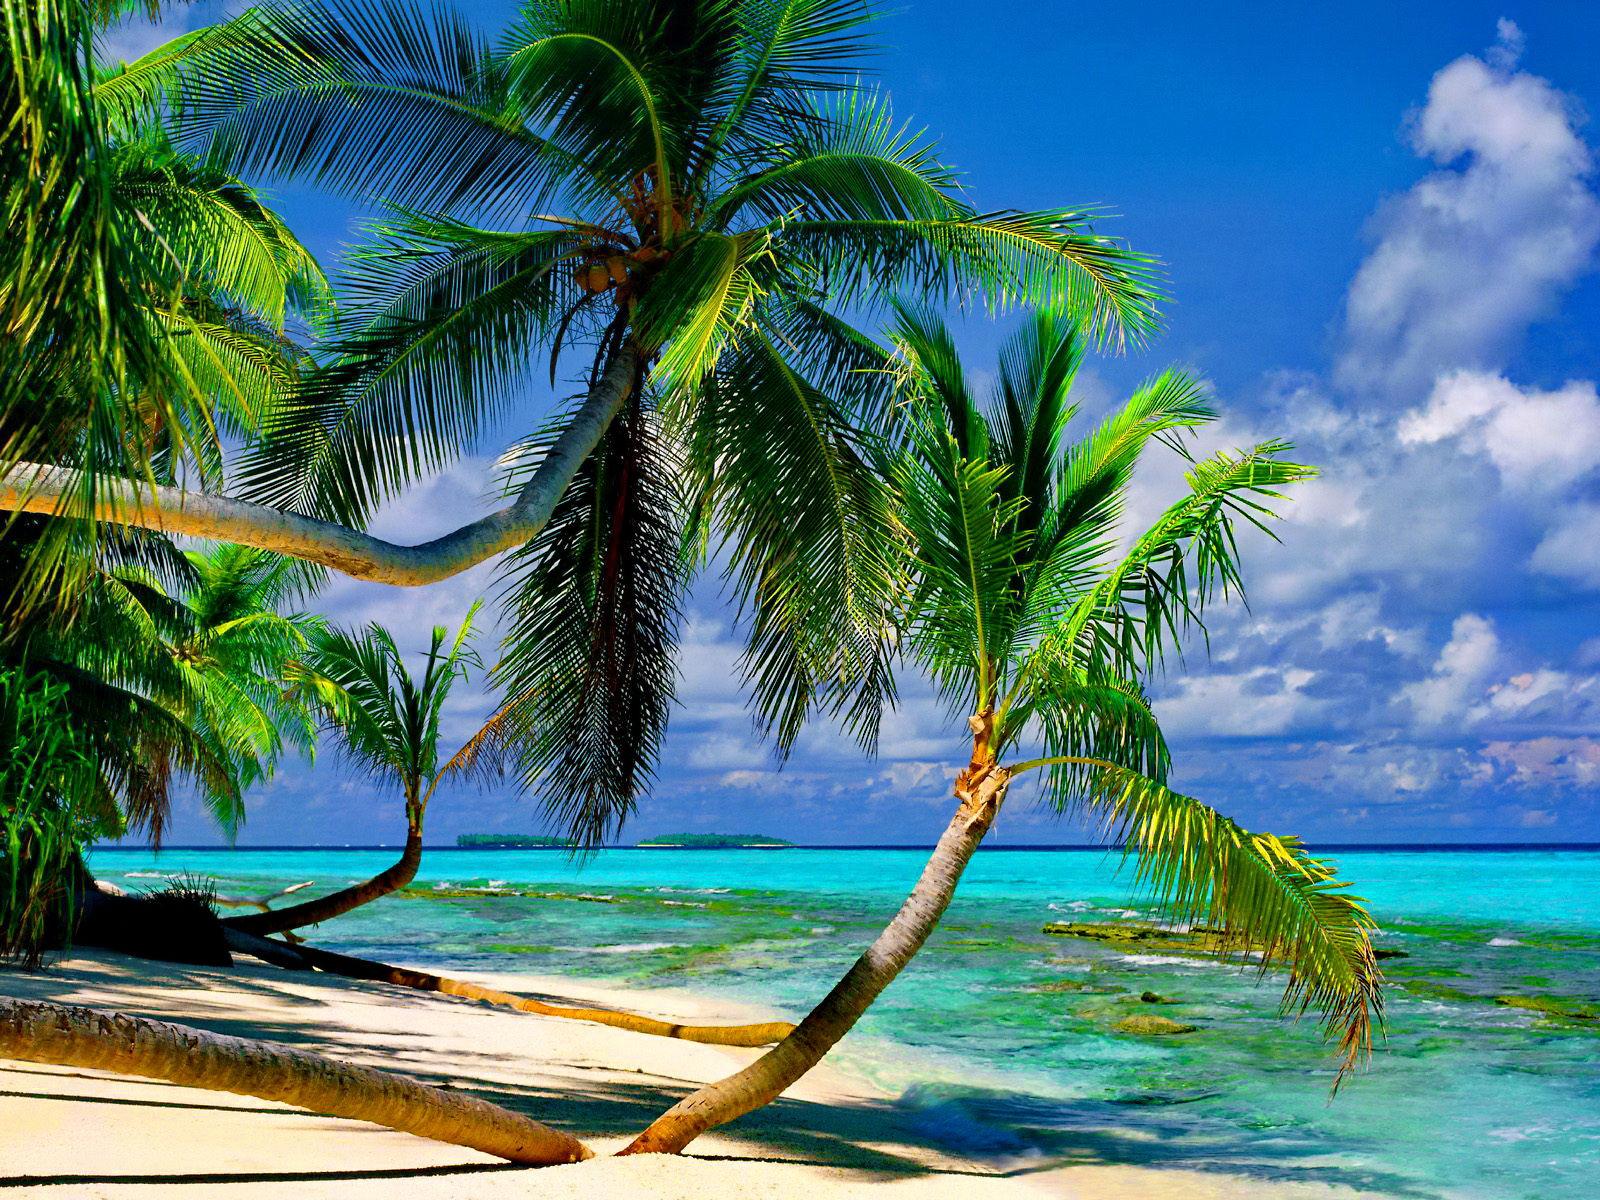 Pin plage palmier on pinterest for Fond ecran plage gratuit